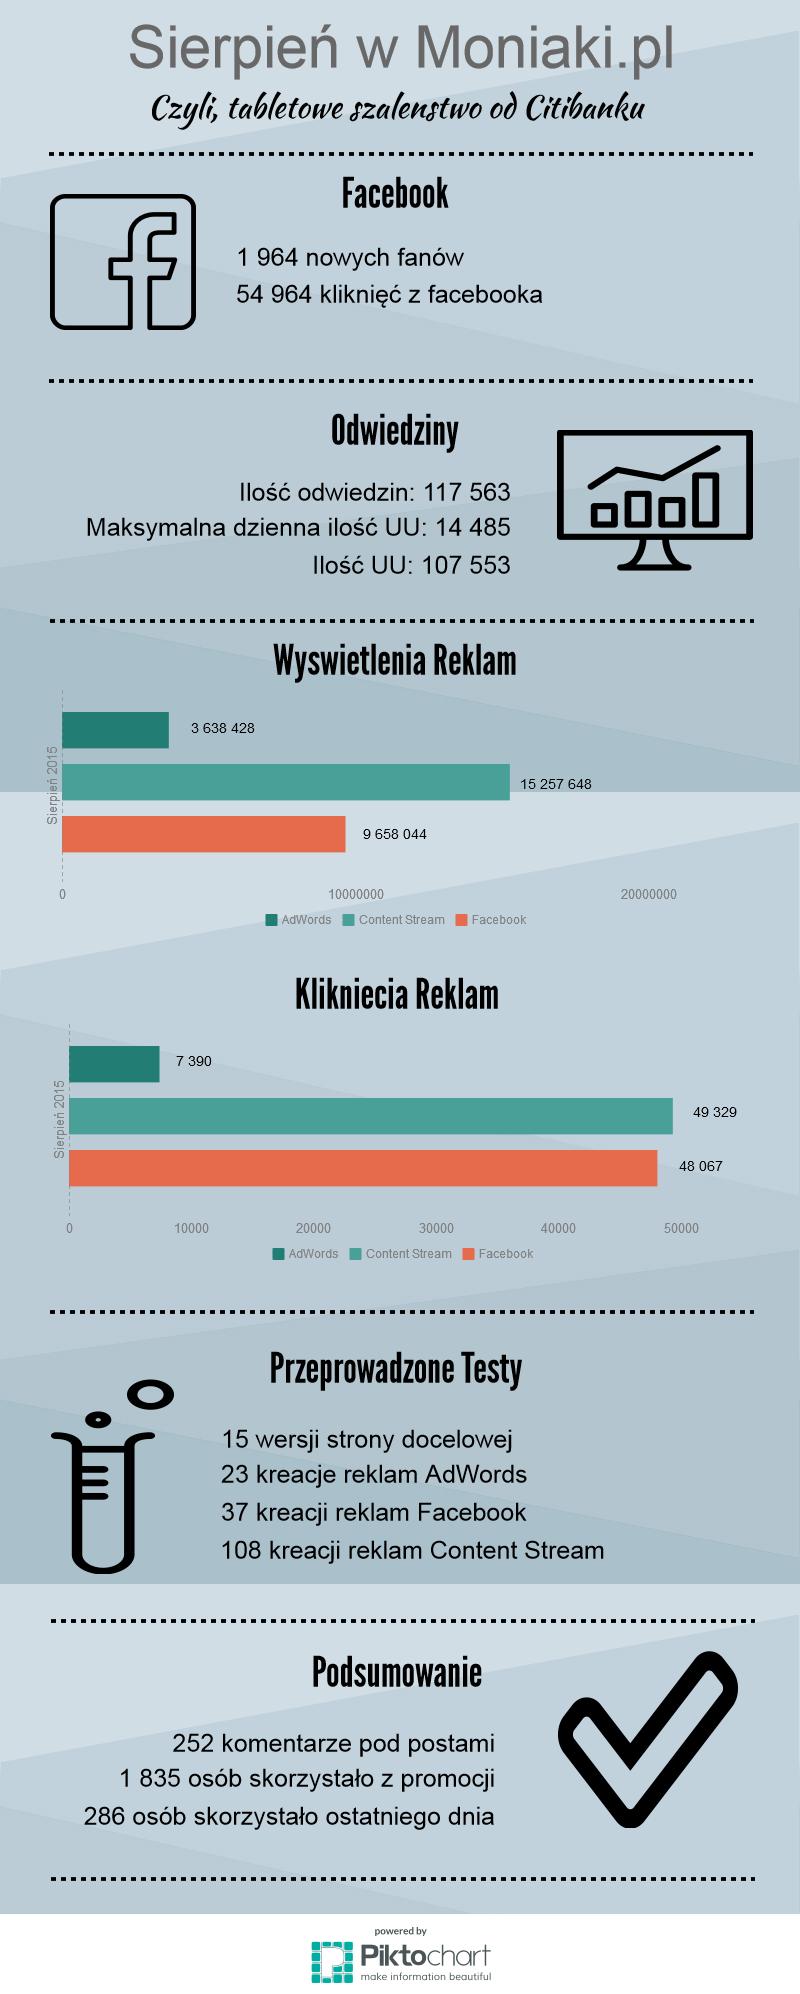 Sierpień w Moniaki_pl - infografika